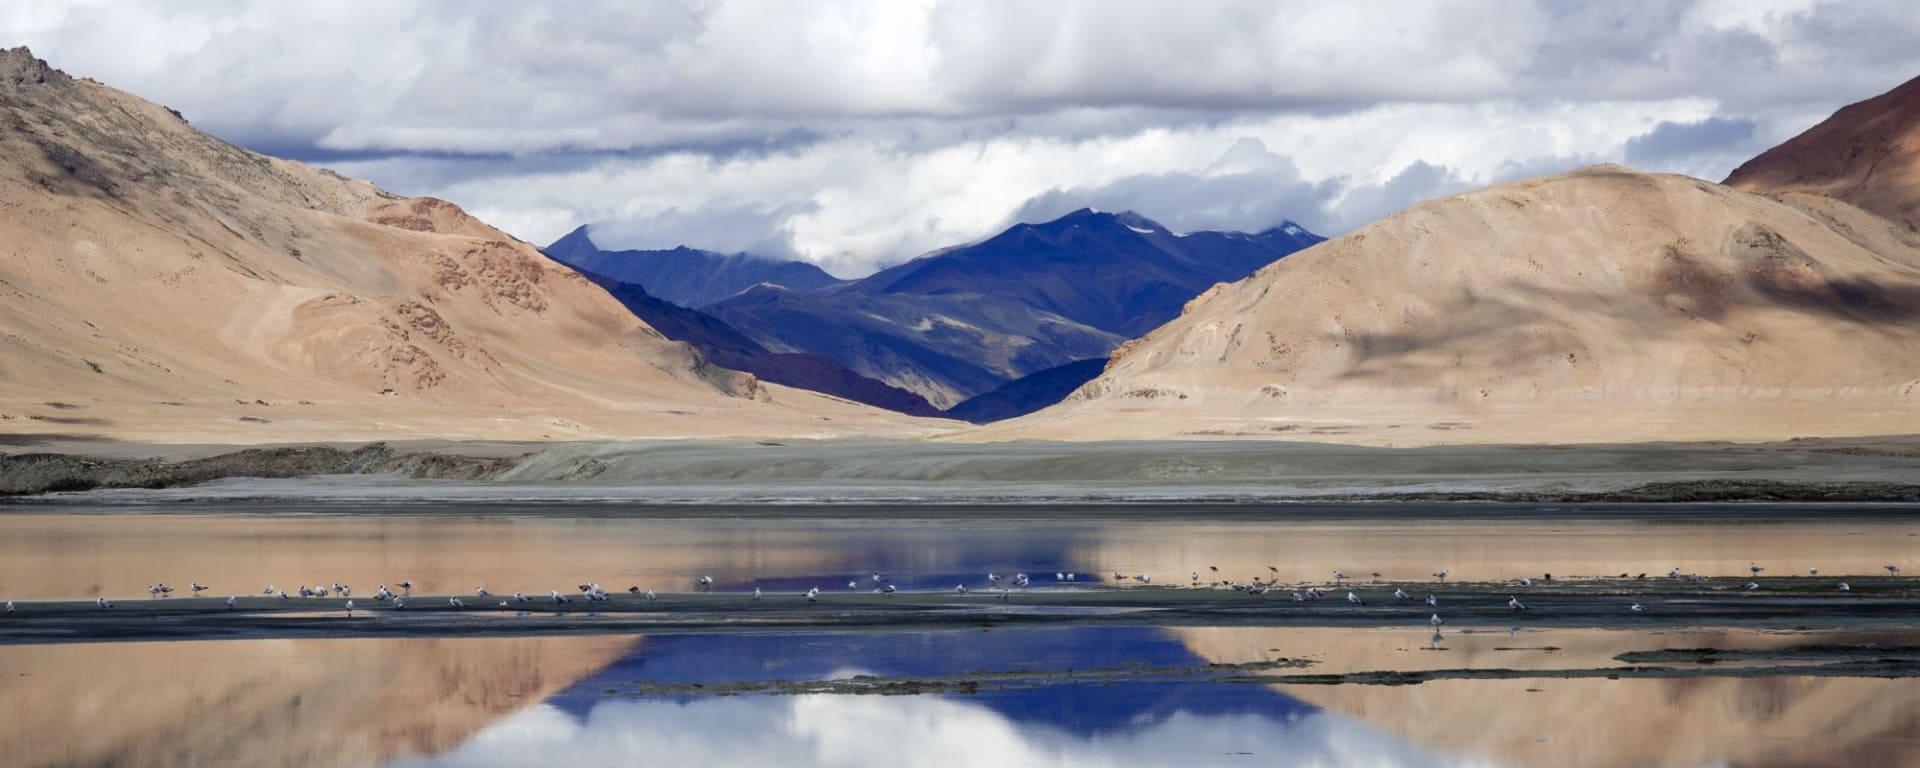 Die spektakuläre Bergwelt von Ladakh ab Leh: Ladakh: Tso Kar Lake